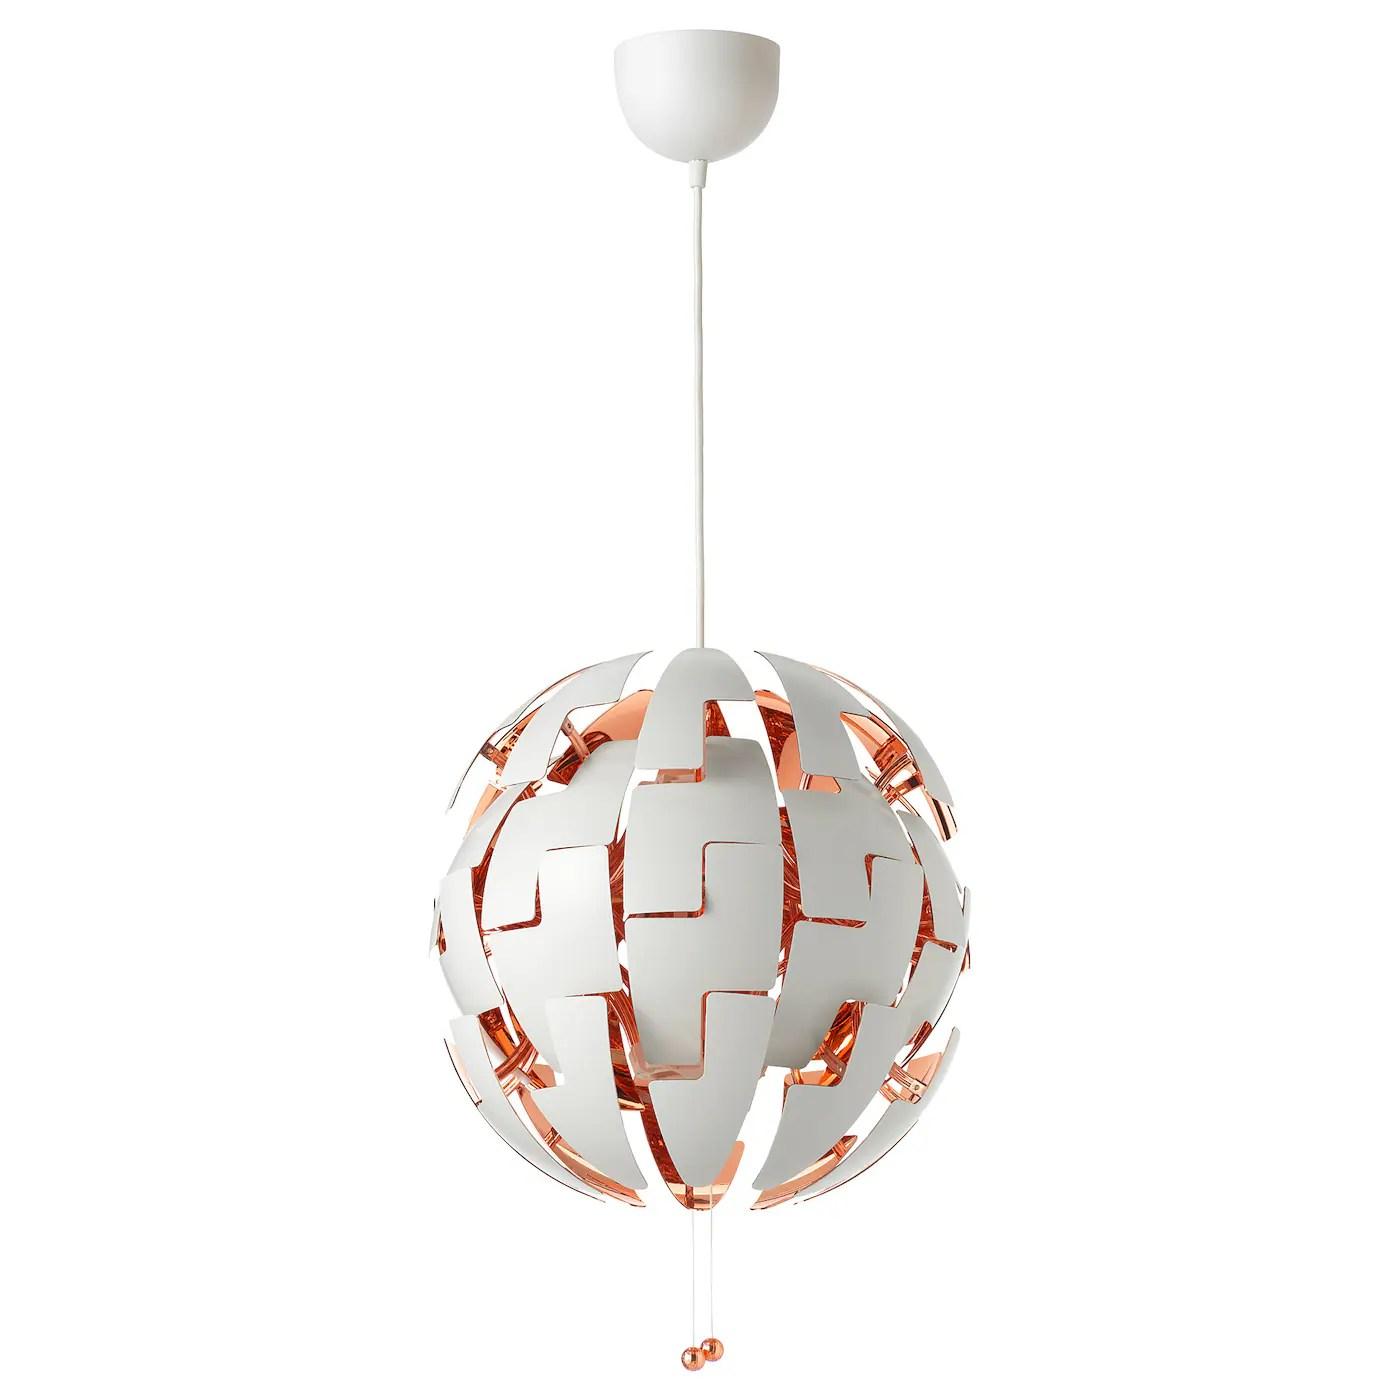 ikea ps 2014 pendant lamp white copper color 14